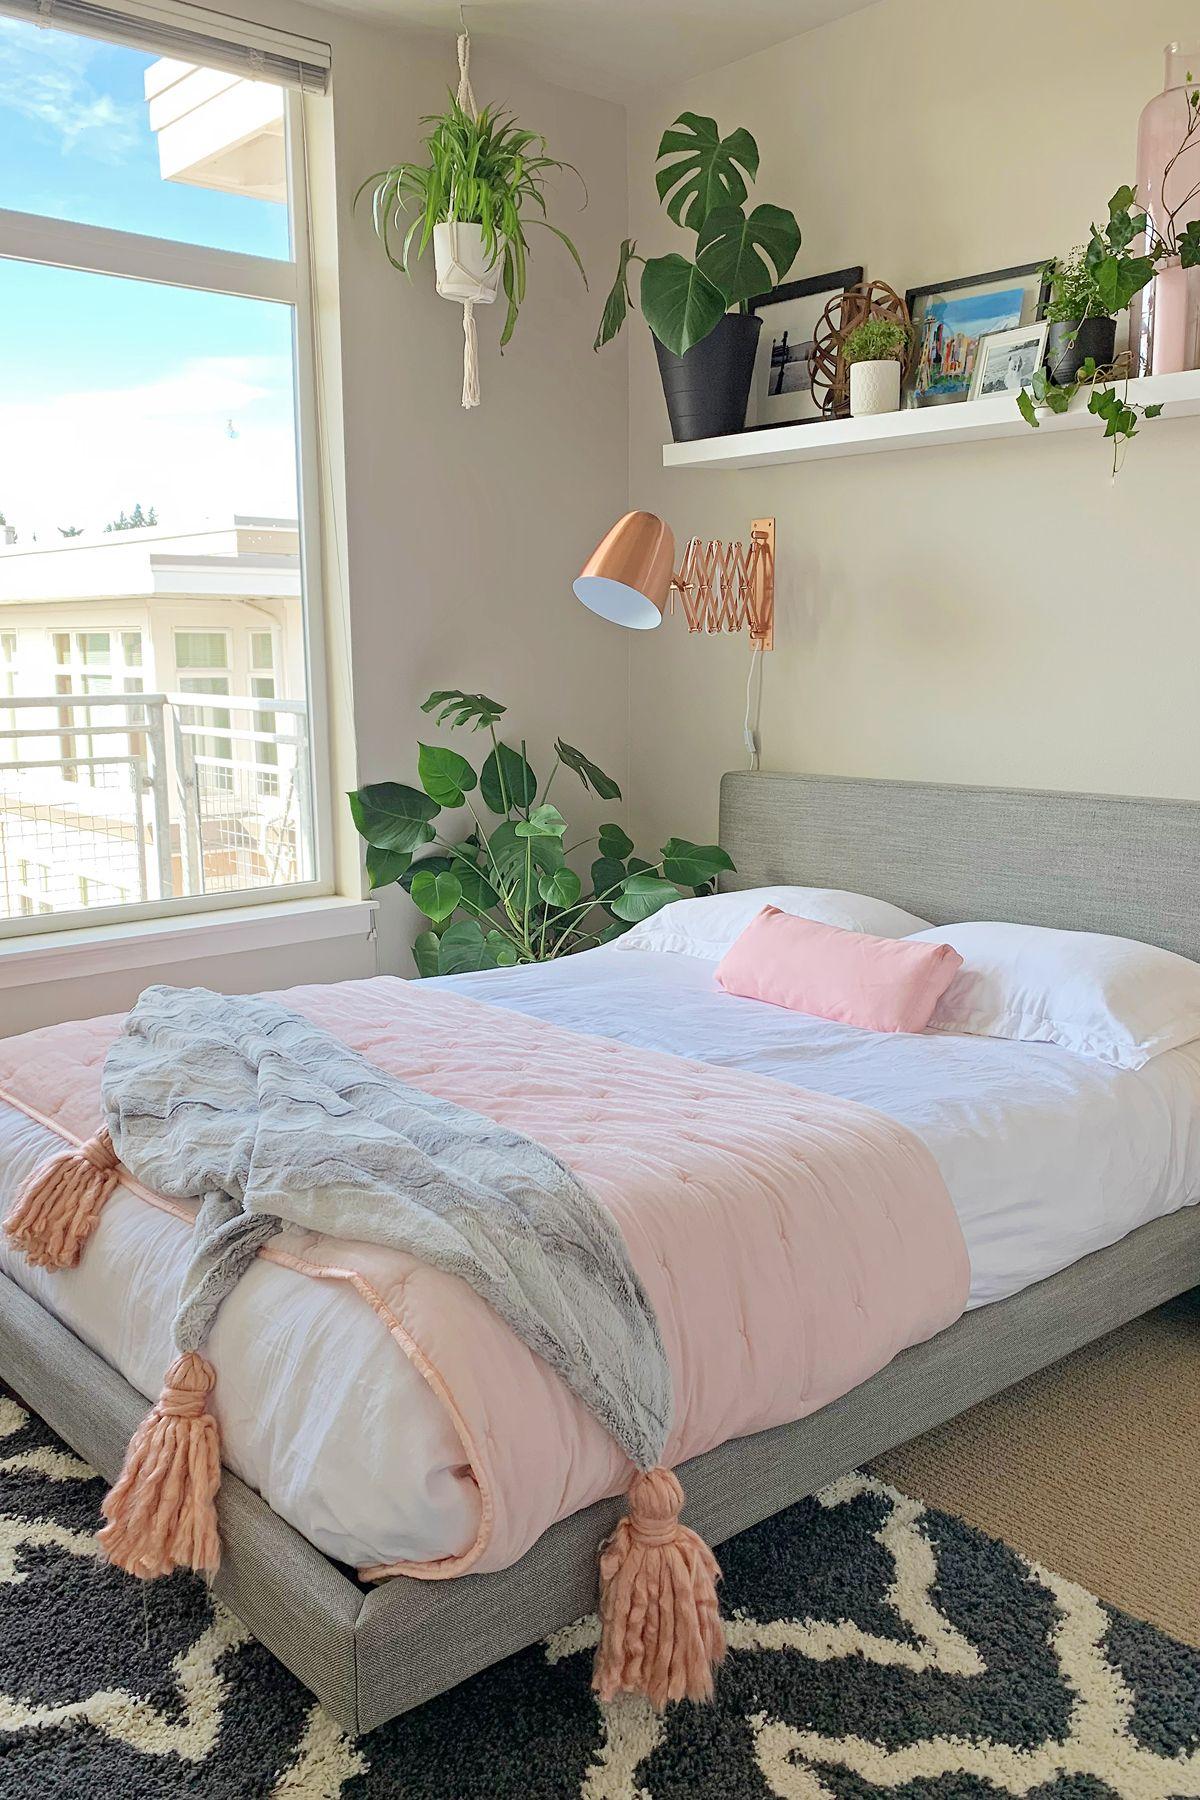 Tessu Glaze Gray Queen Bed In 2020 Girl Bedroom Decor Bedroom Interior Aesthetic Bedroom